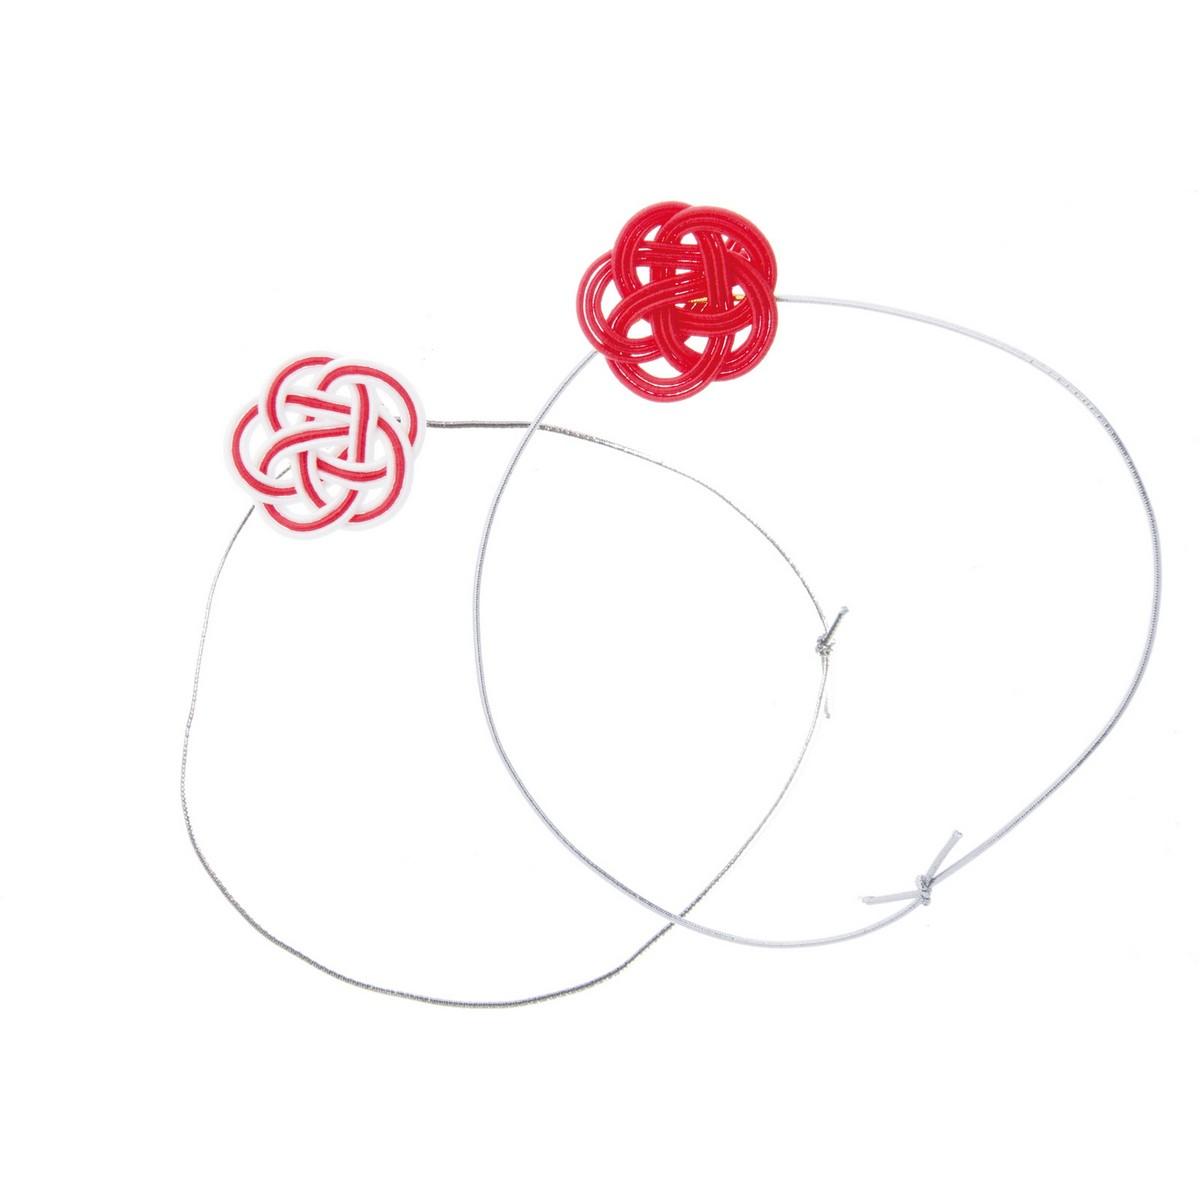 【造花】YDM/水引紅白梅飾りバンド 2個入/NIID-007【01】【取寄】《 造花(アーティフィシャルフラワー) 造花 花材「あ行」 ウメ(梅) 》